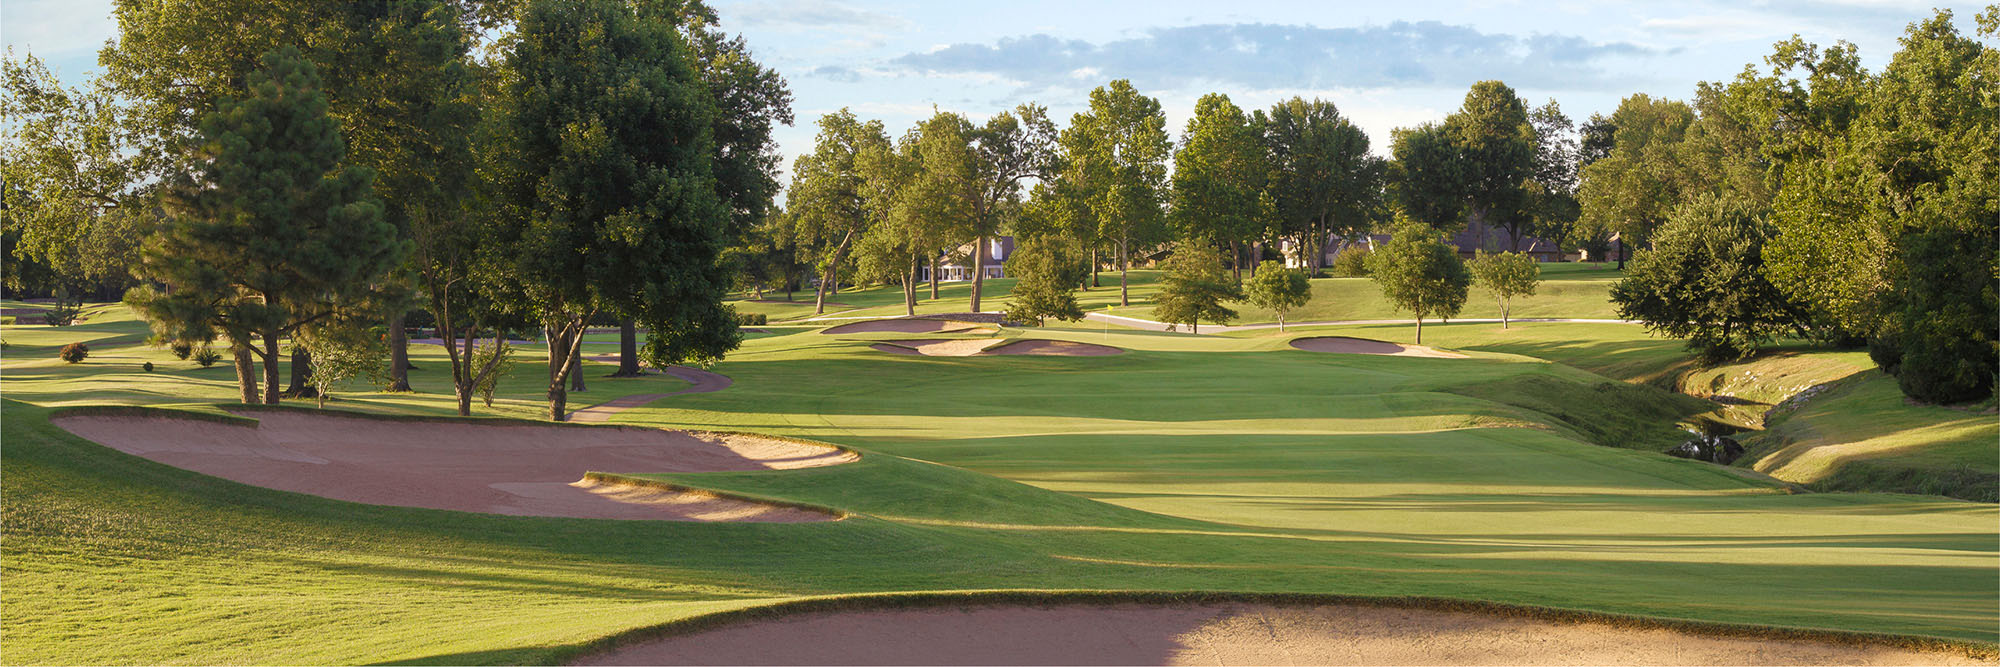 Golf Course Image - Cedar Ridge No. 11